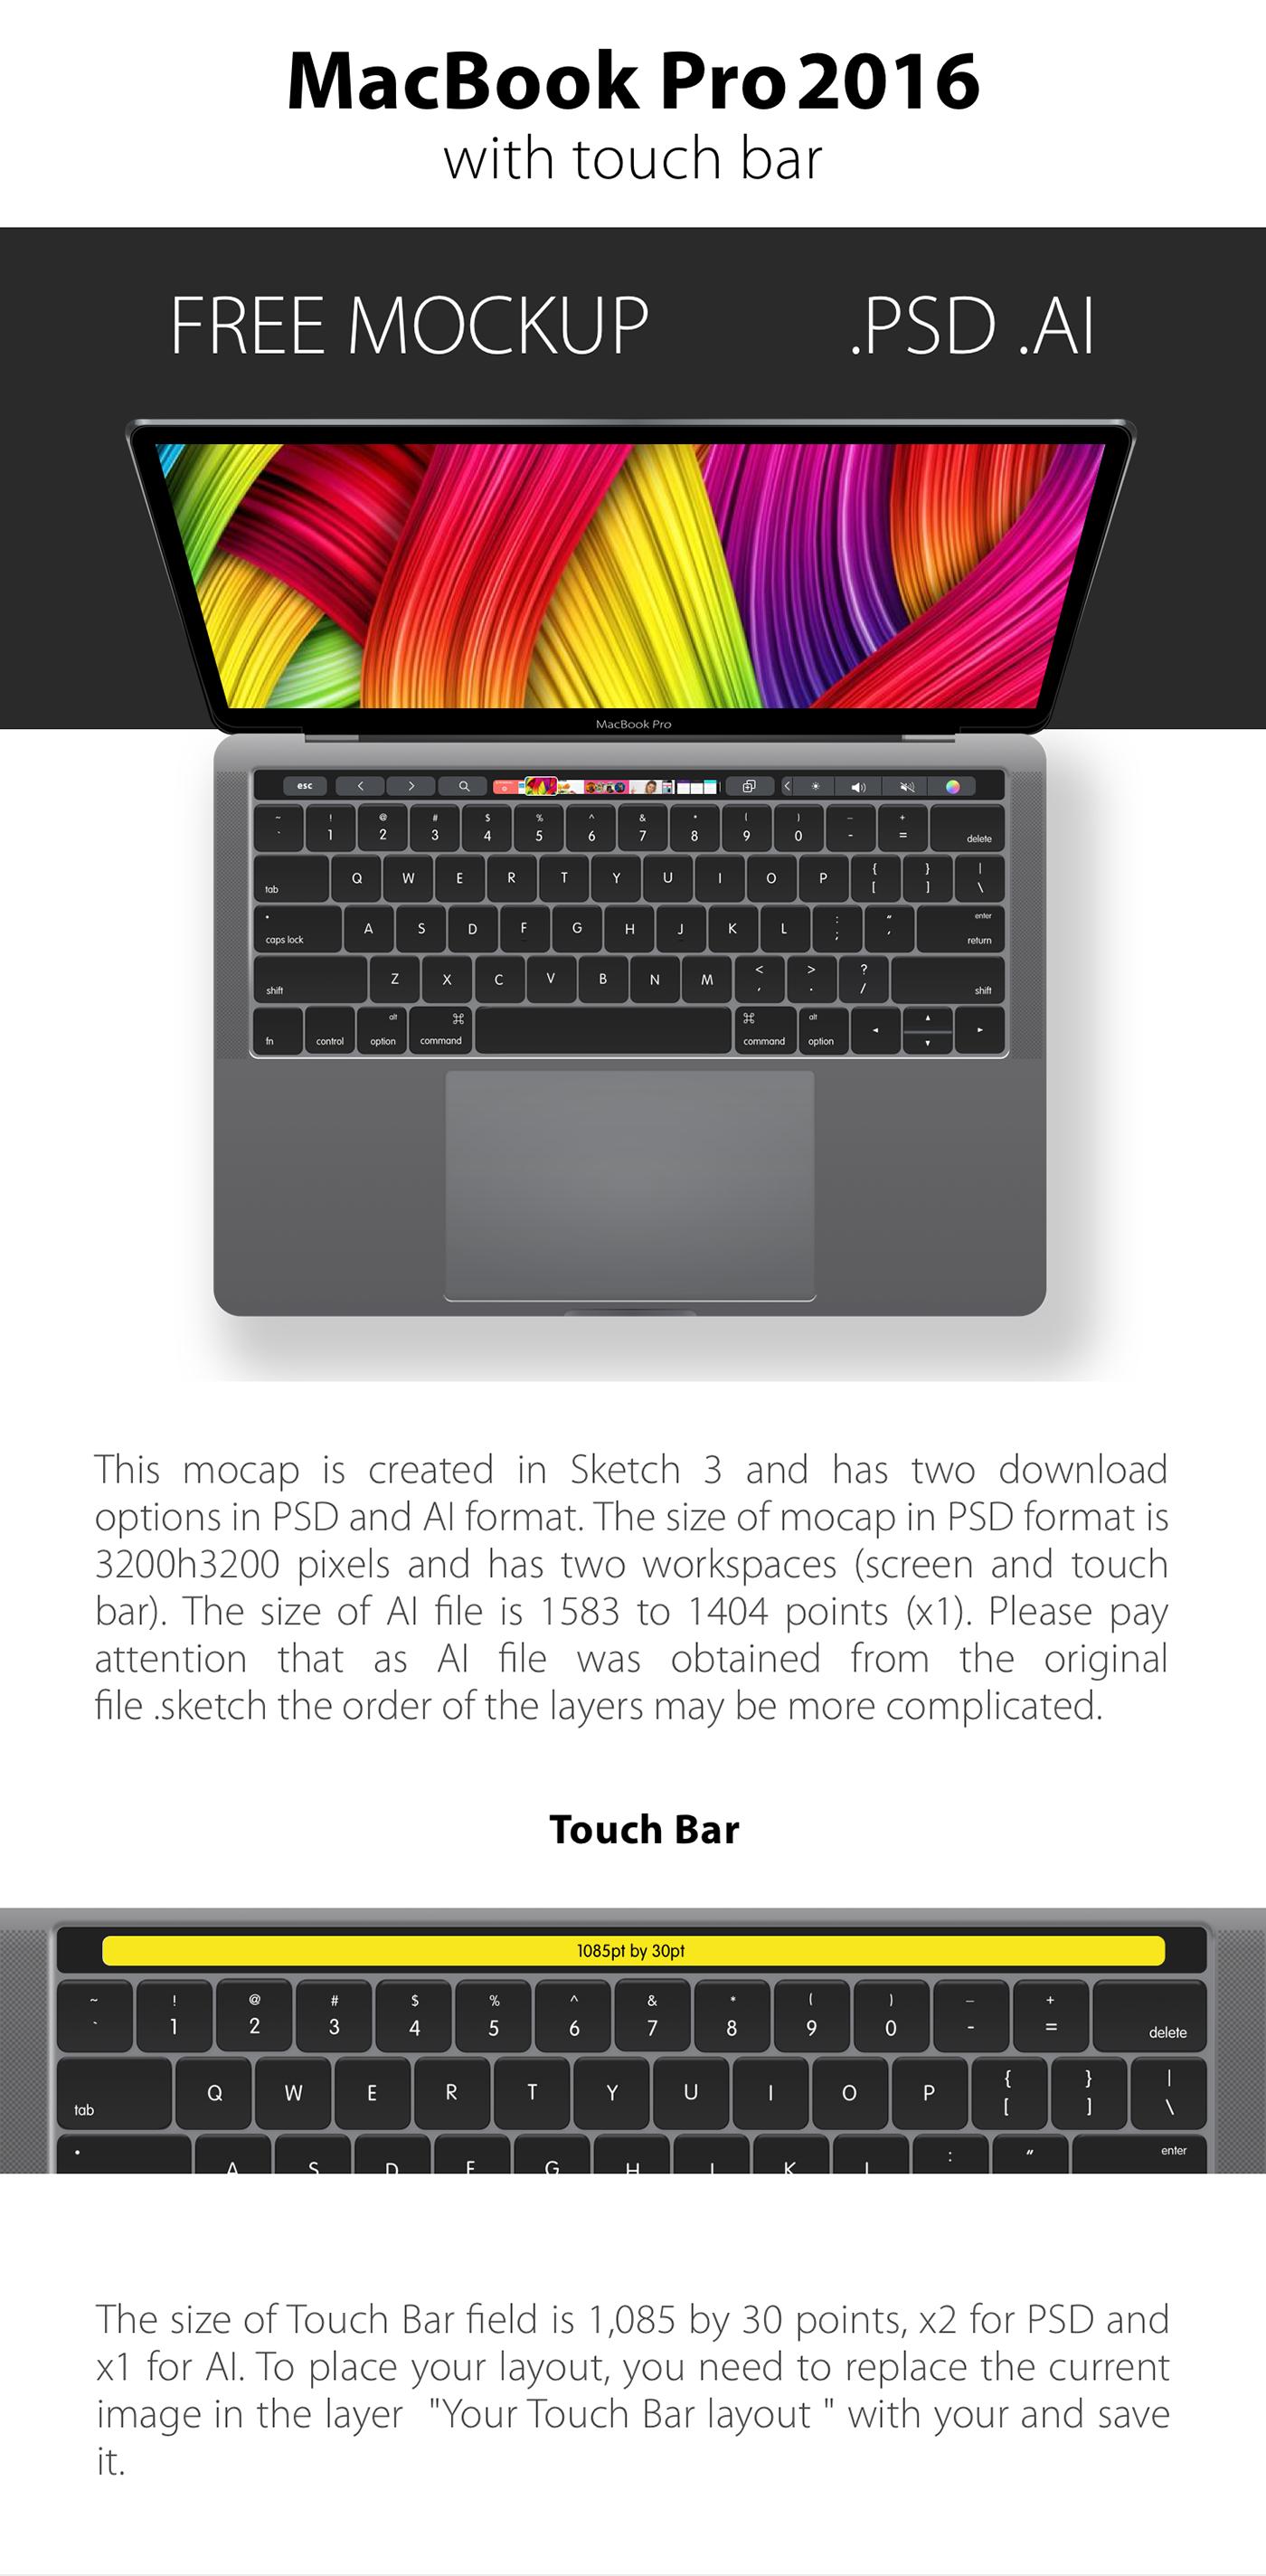 free mockup  free psd free psd mockup free Mockup ai free ai ai mockup macbook pro touch bar